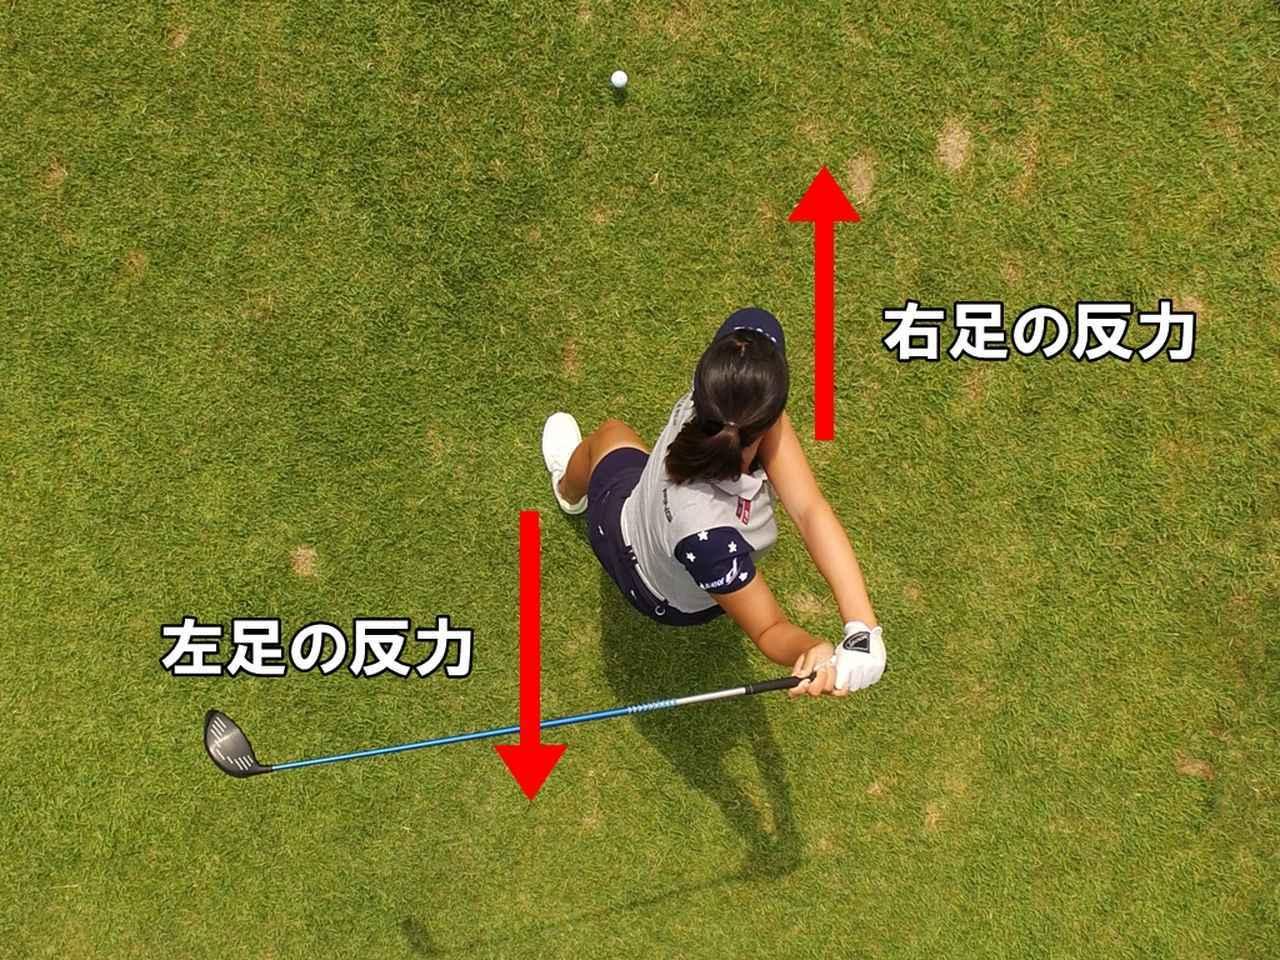 画像: センター・オブ・マスから遠い右足を後方に蹴る動きが、大きな回転力を生む(撮影/岡沢裕行)